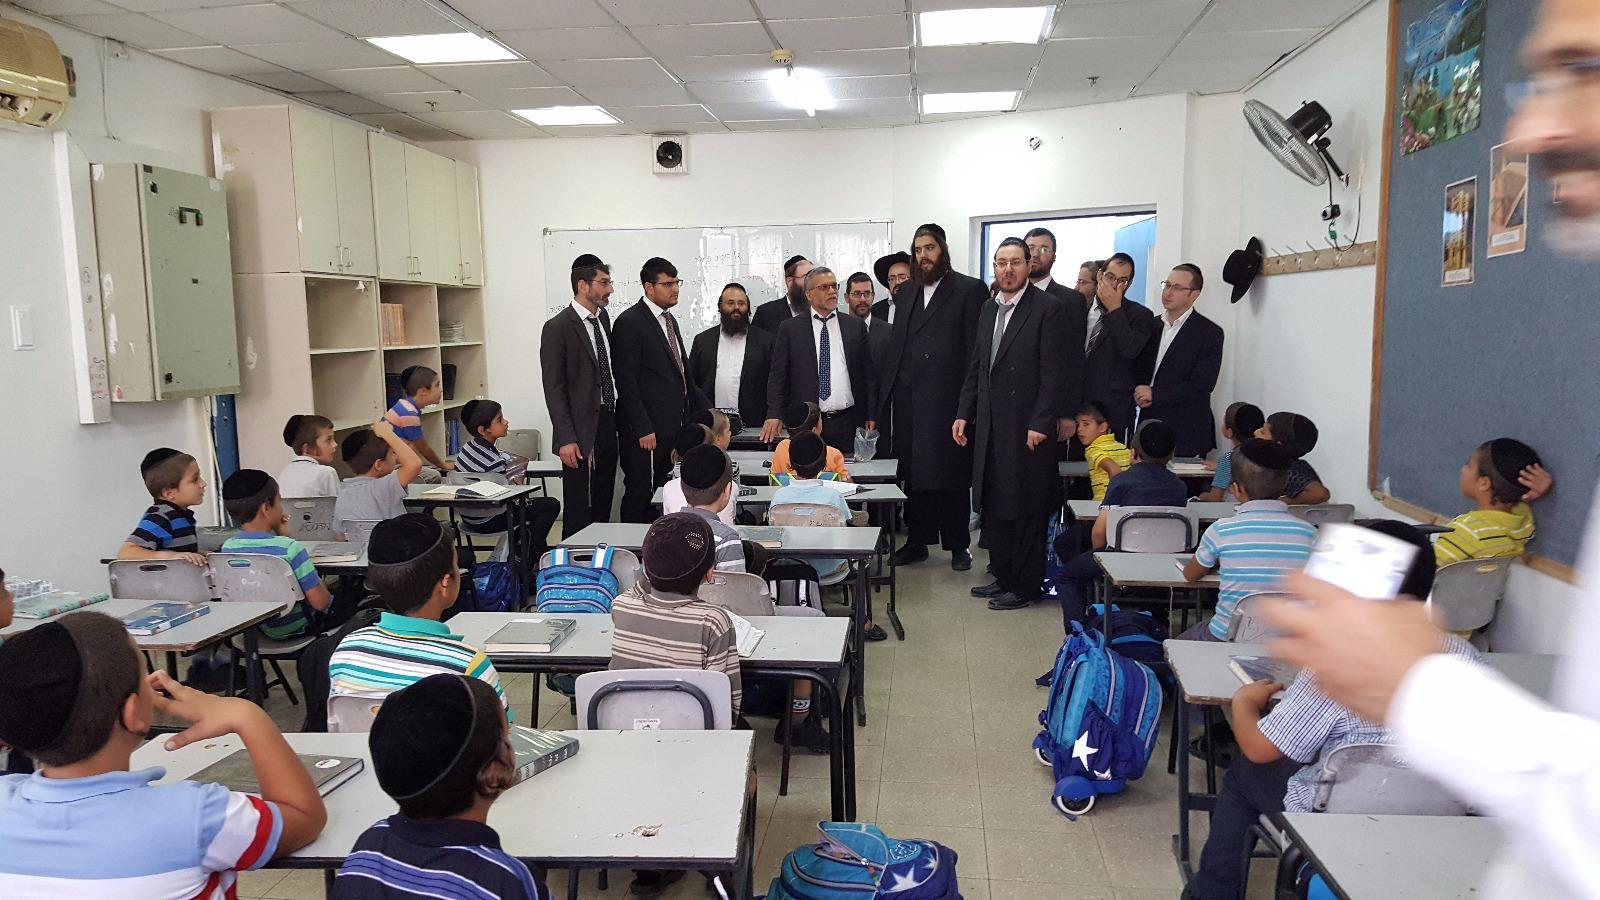 צפו: ראש העיר ישראל פרוש פותח את שנת הלימודים עם תלמידי אלעד